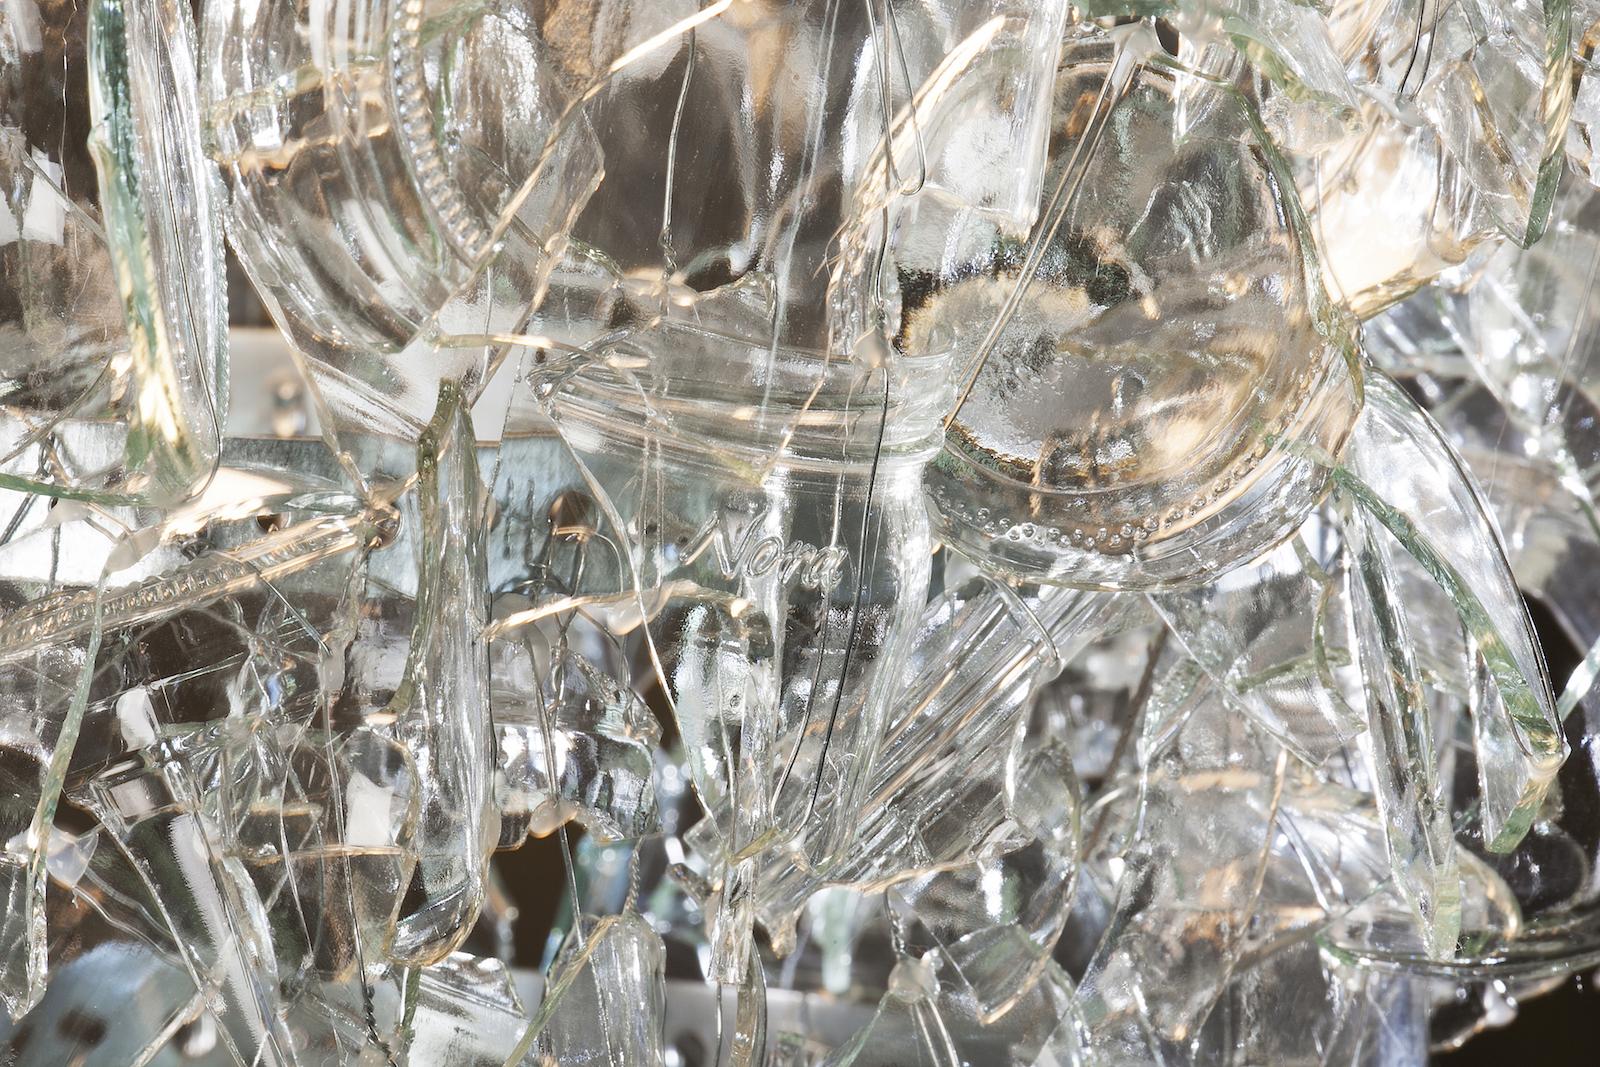 Details of broken glass